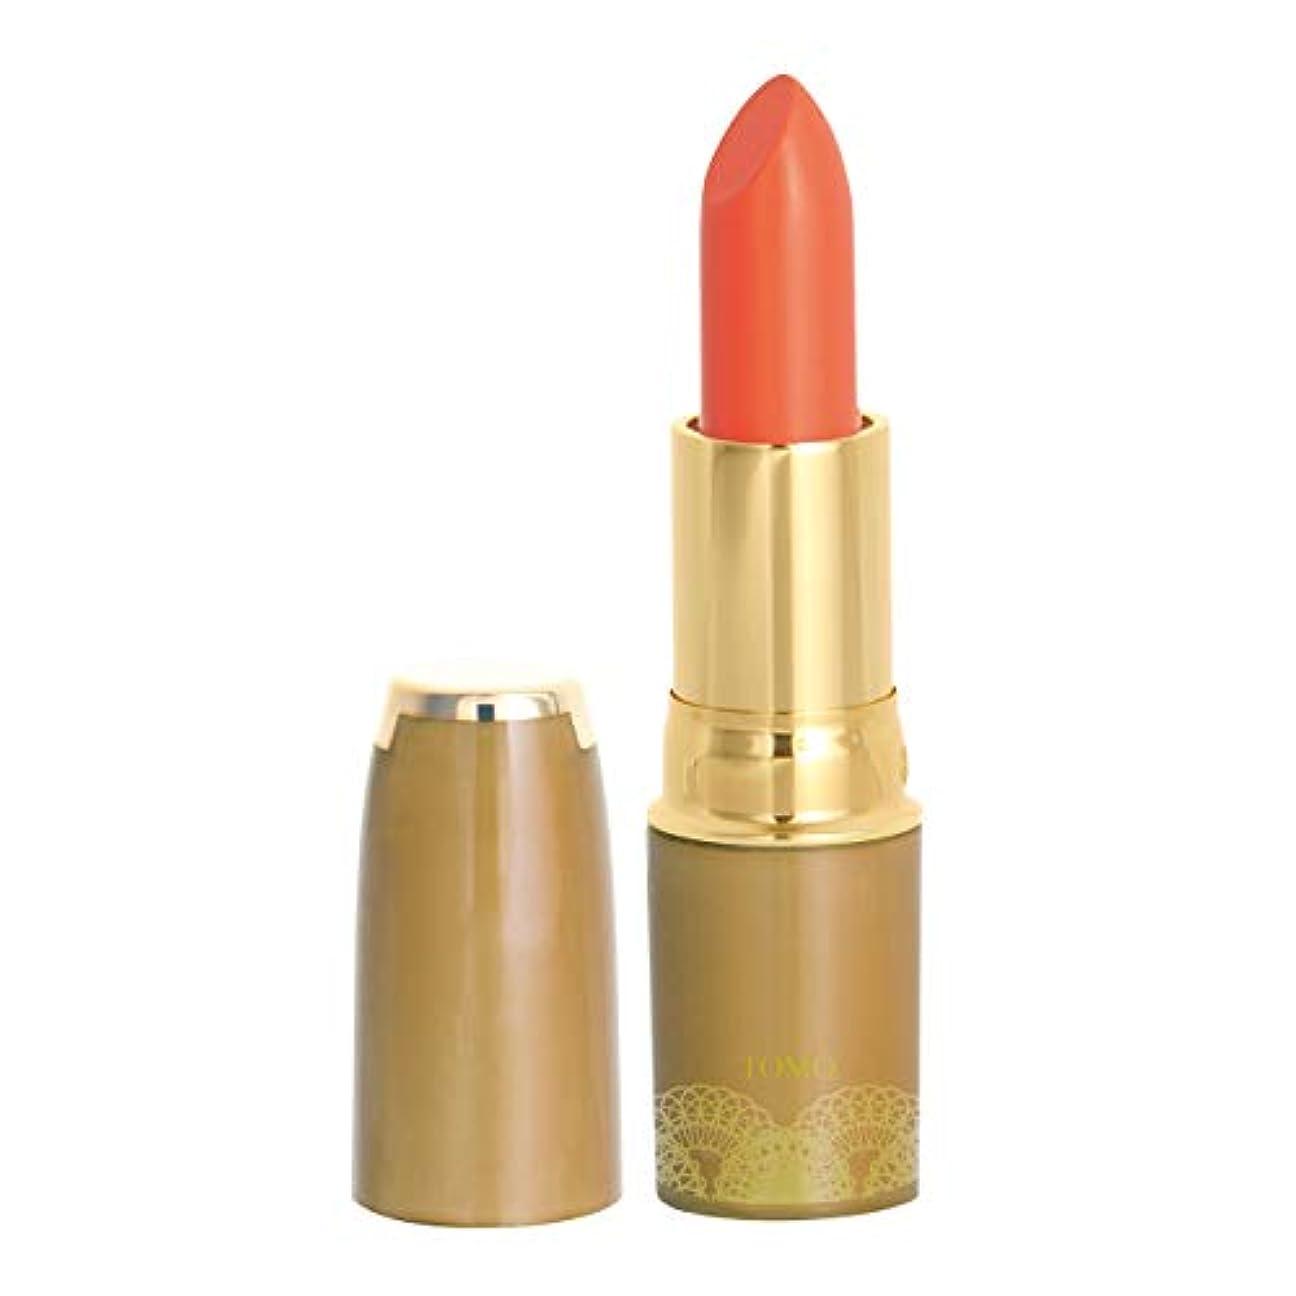 コピー難しいまっすぐにする安心 安全 低刺激 食用色素からできた口紅 ナチュレリップカラー LC-03 (コーラルオレンジ) 全6色